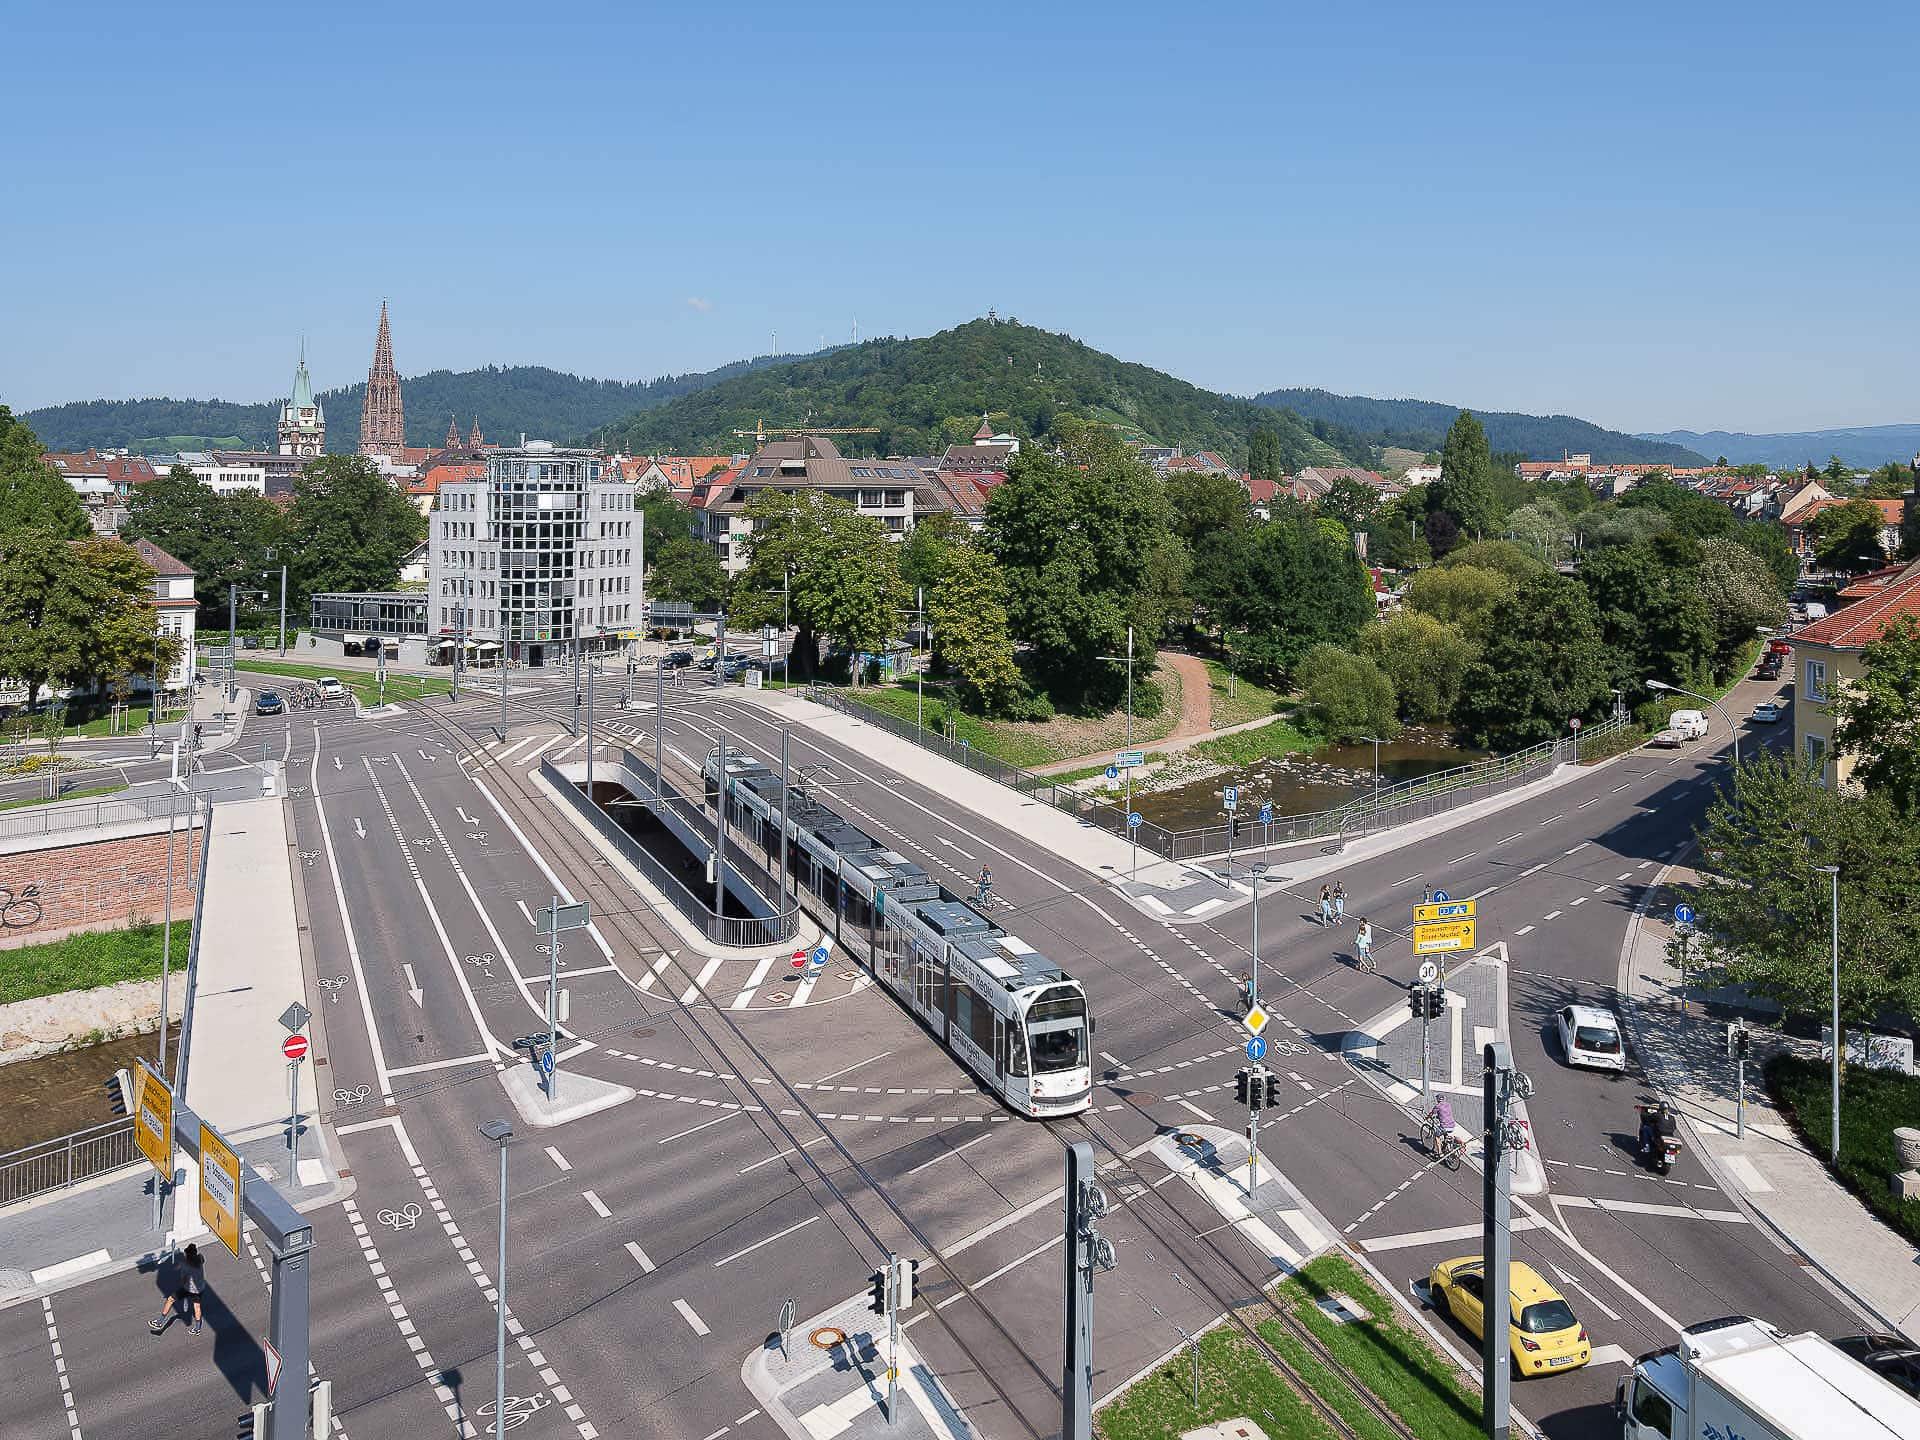 Kronenbrücke Freiburg. Copyright Dirk Wilhelmy Fotografie.